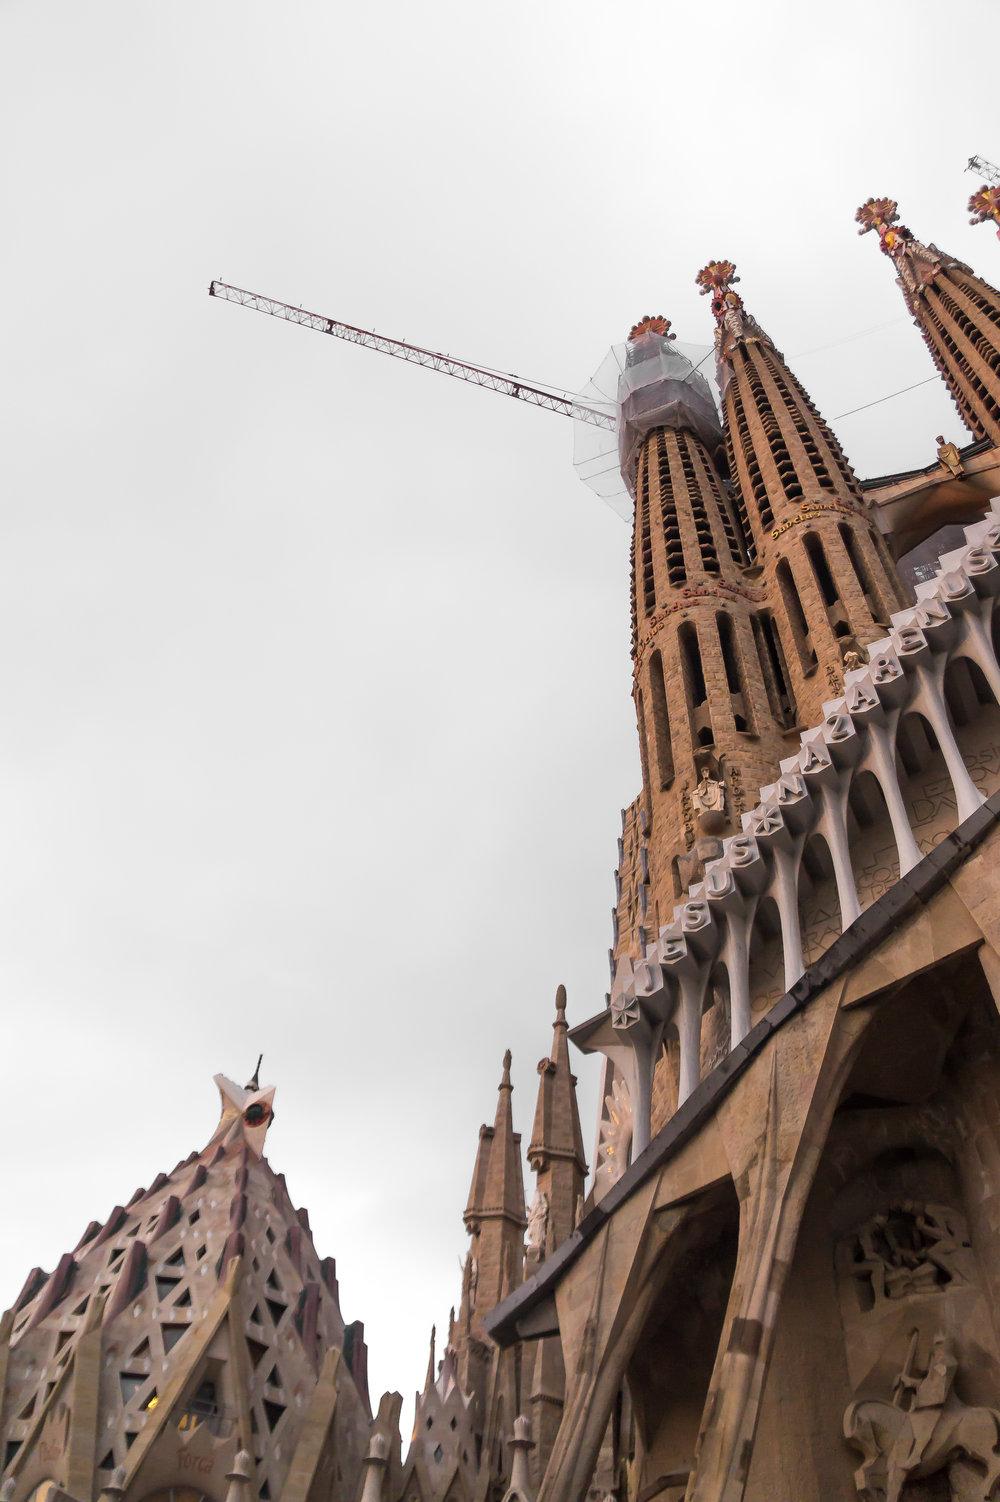 La Sagrada Familia - Barcelona, Spain